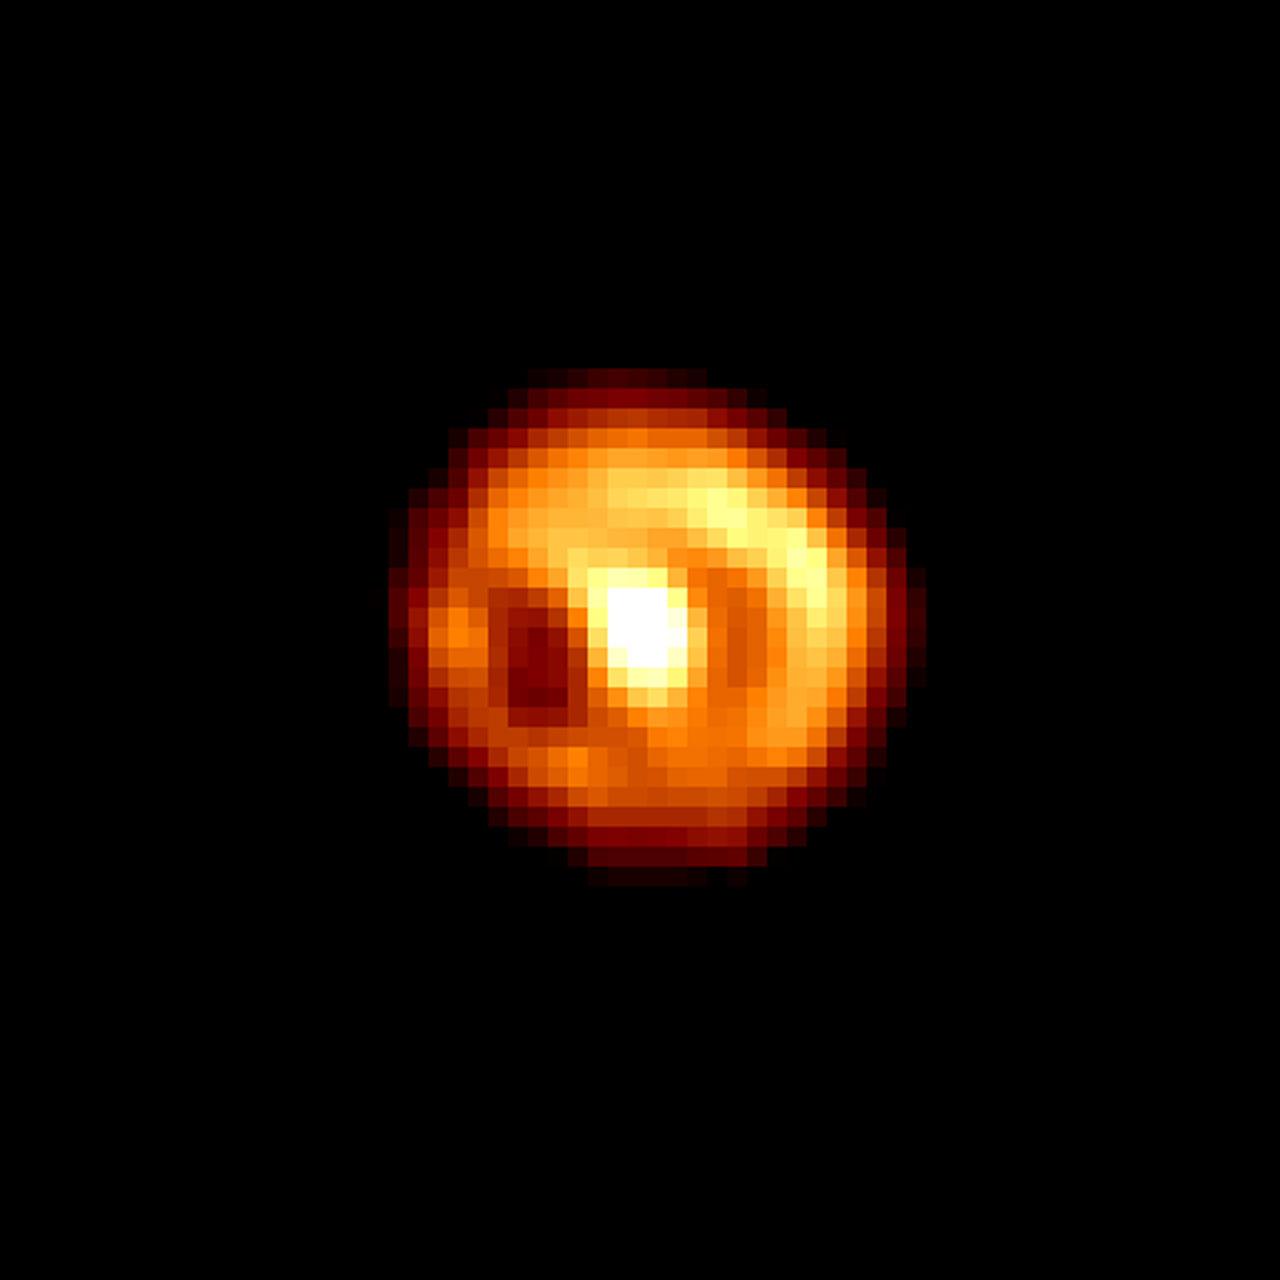 Nova Cygni 1992